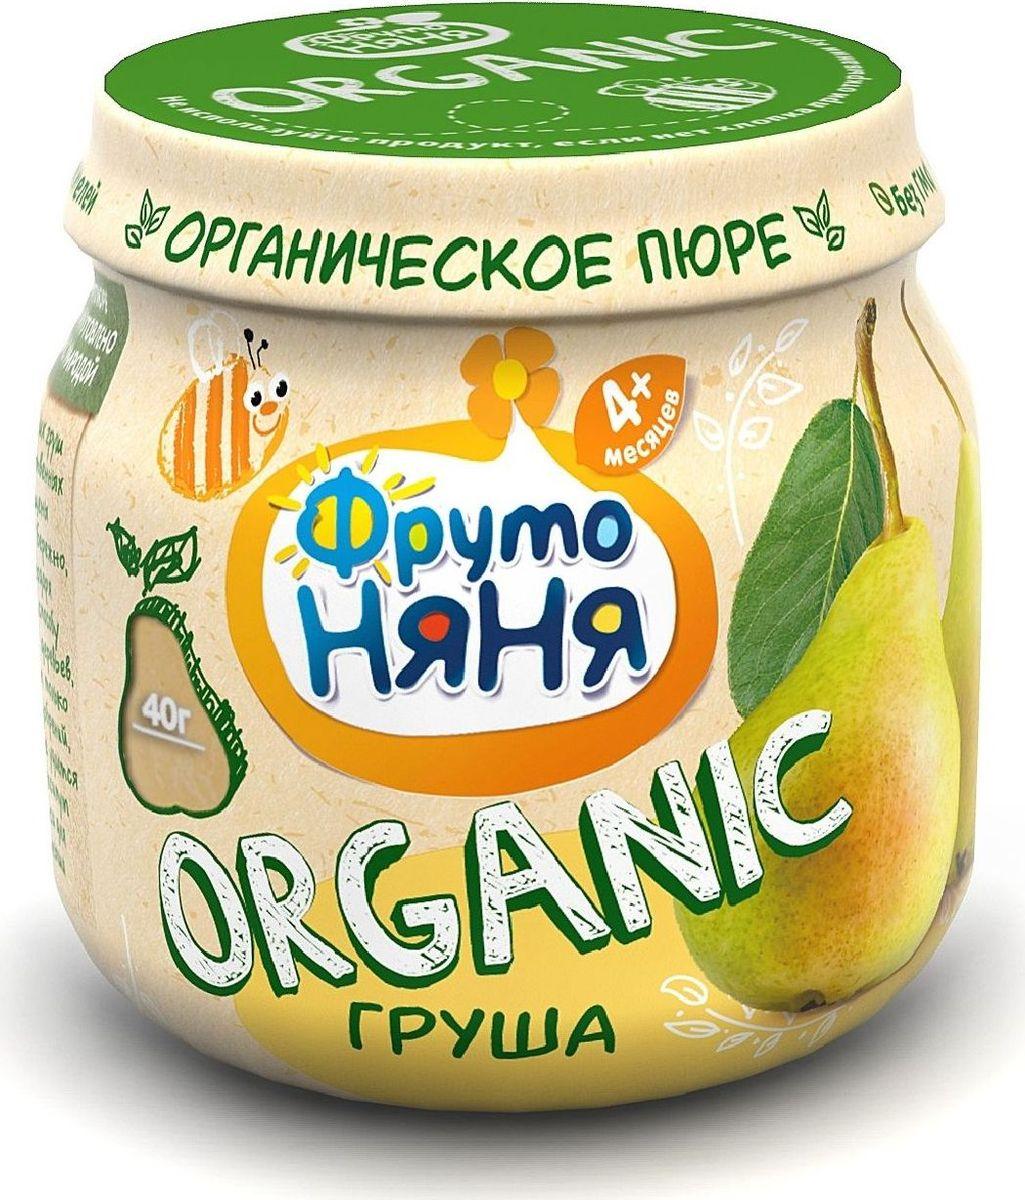 Фрутоняня Organic пюре груша с 6 месяцев, 80 г годжи ягоды молотые 100гр organic